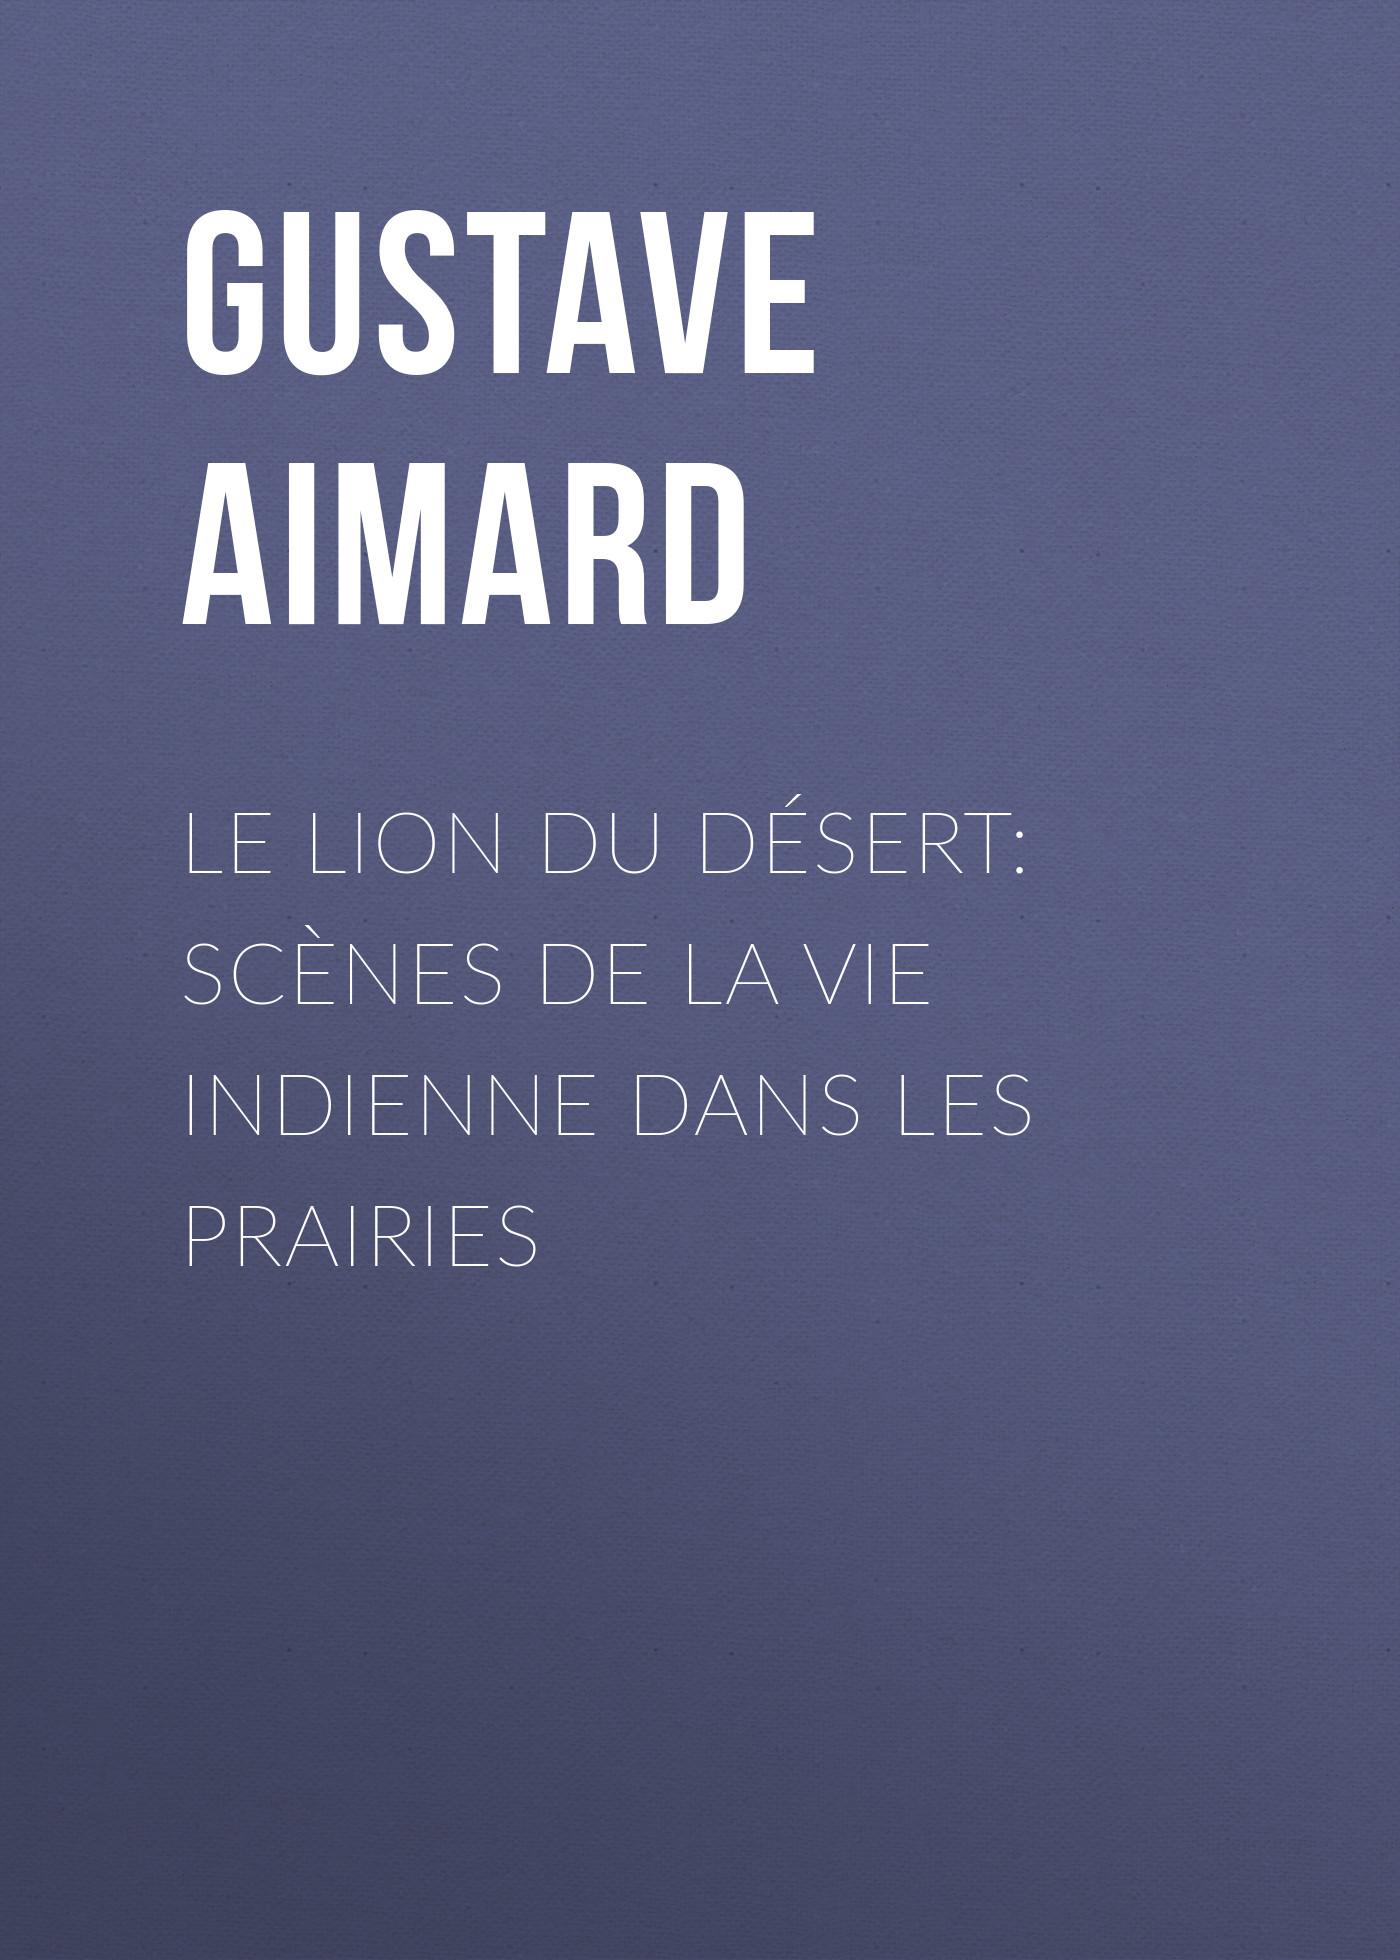 Gustave Aimard Le lion du désert Scènes de la vie indienne dans les prairies